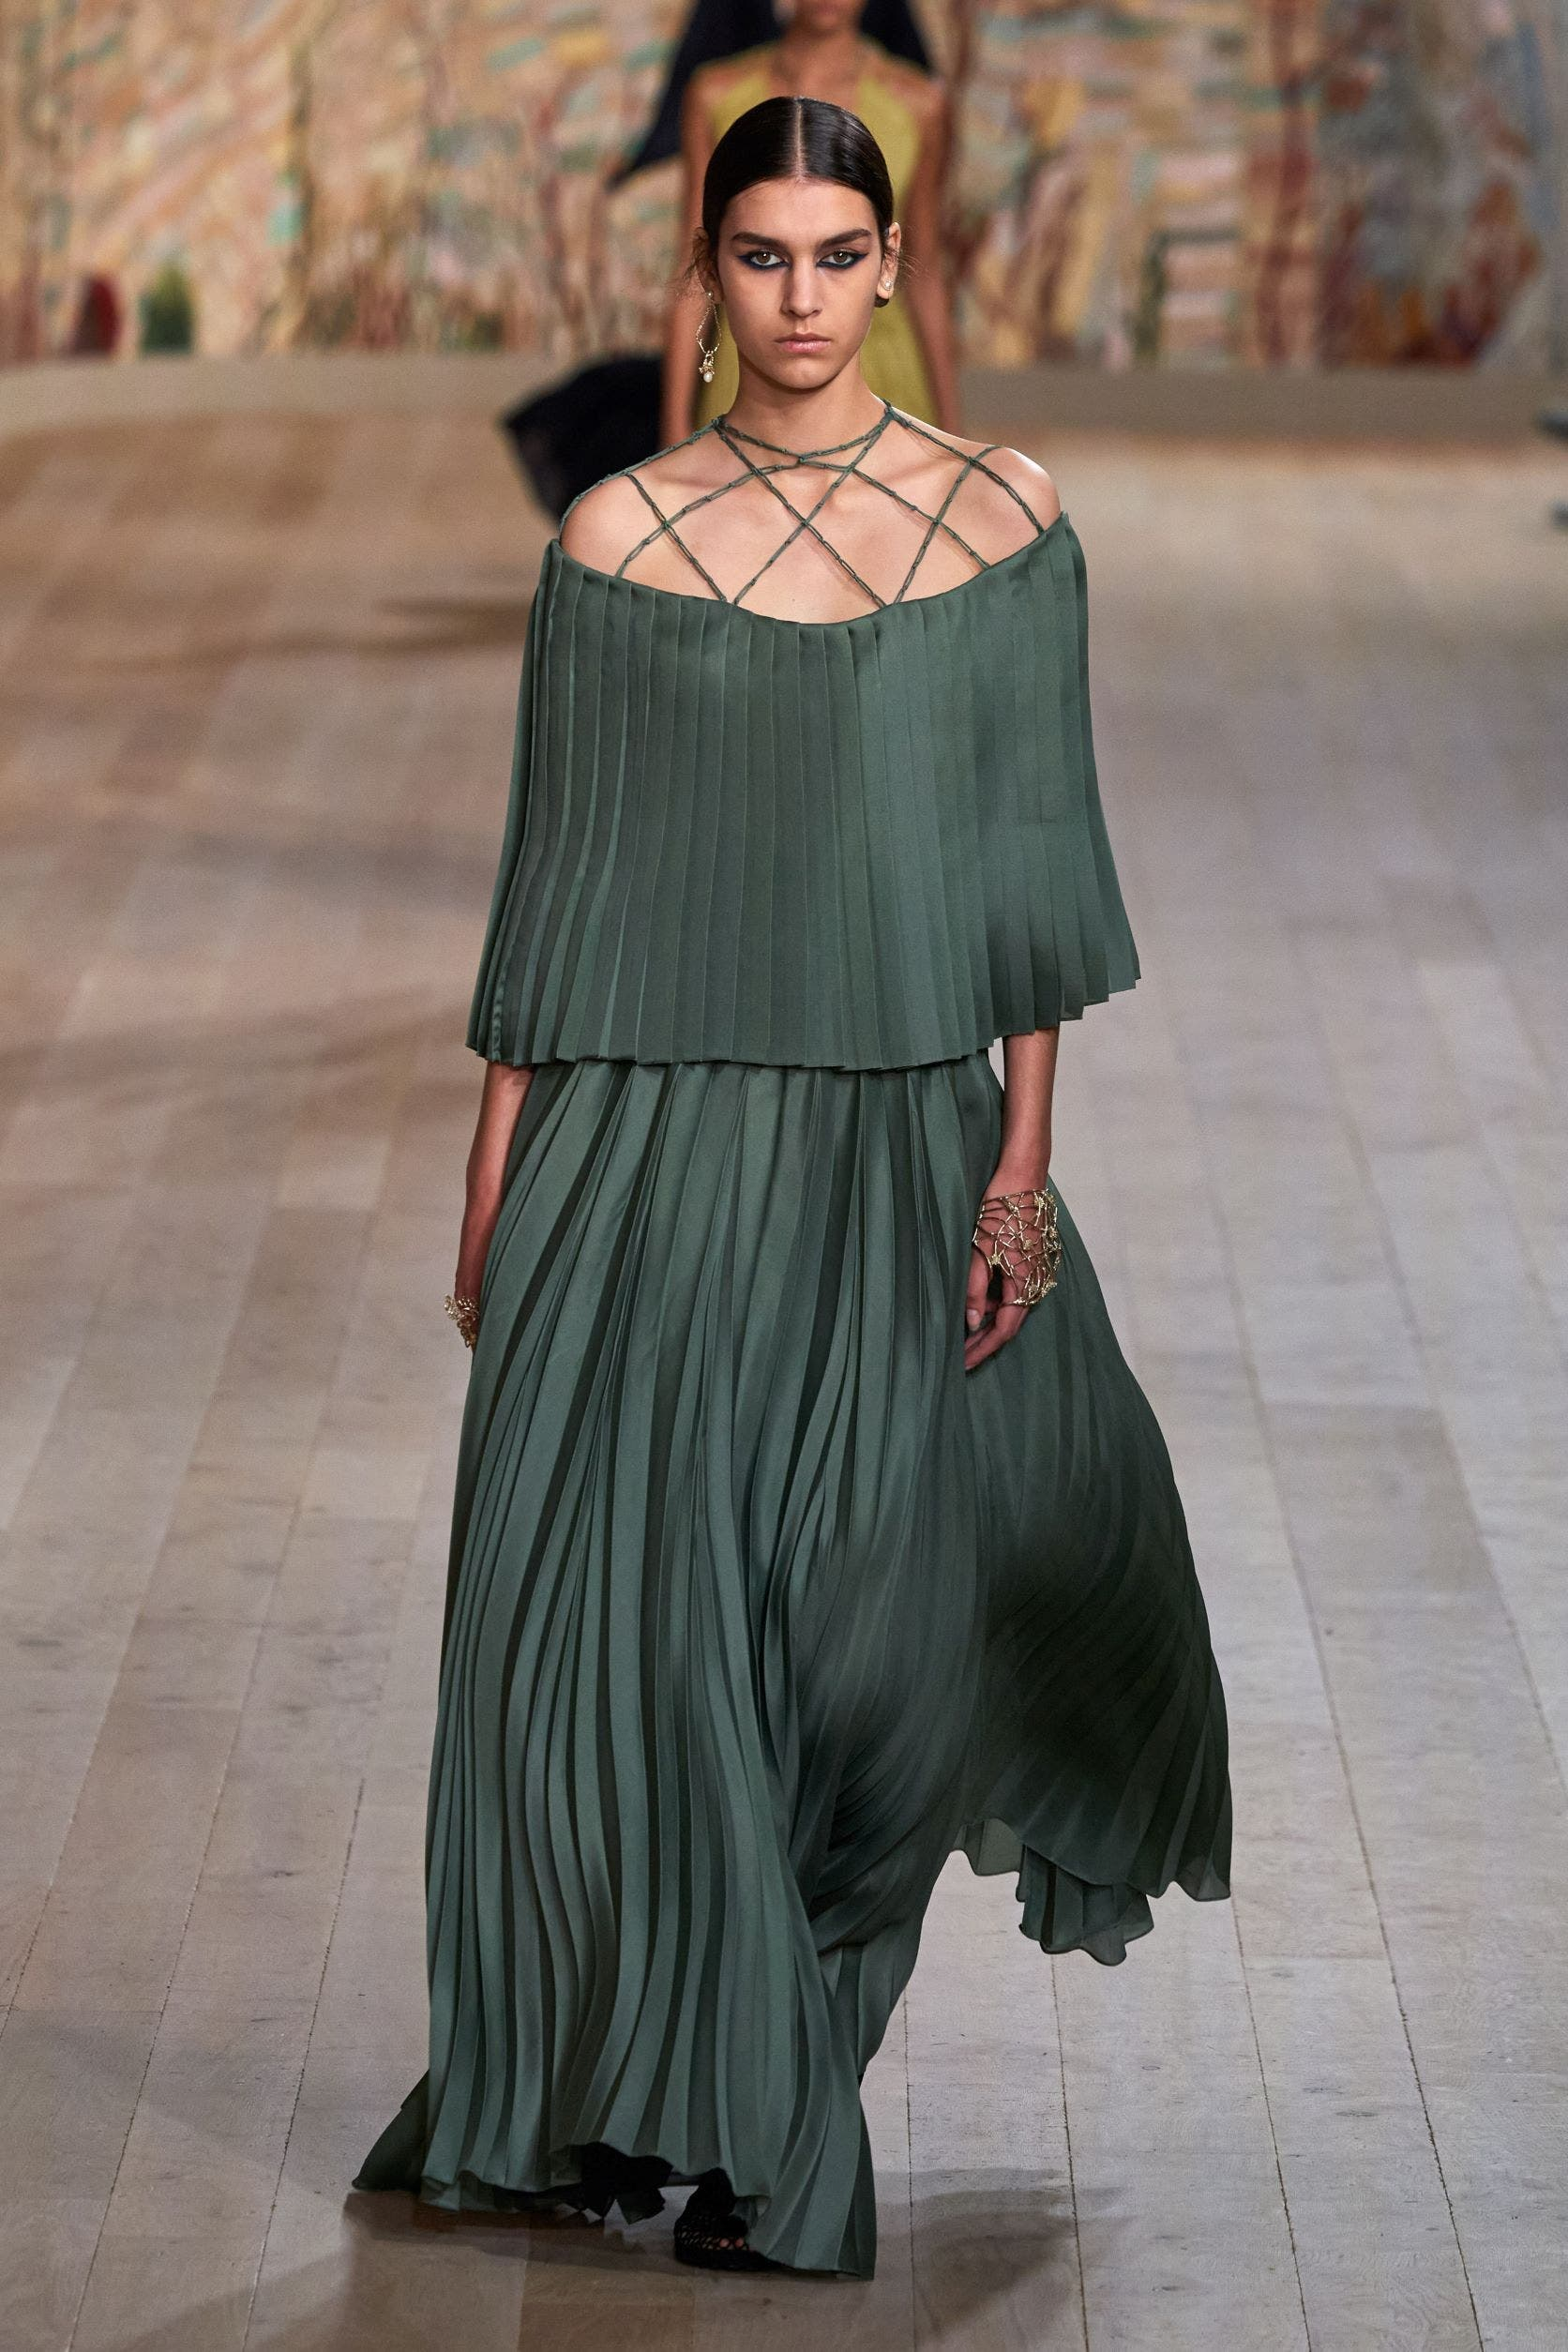 من مجموعة كريستيان ديور من الأزياء الراقية لخريف2021